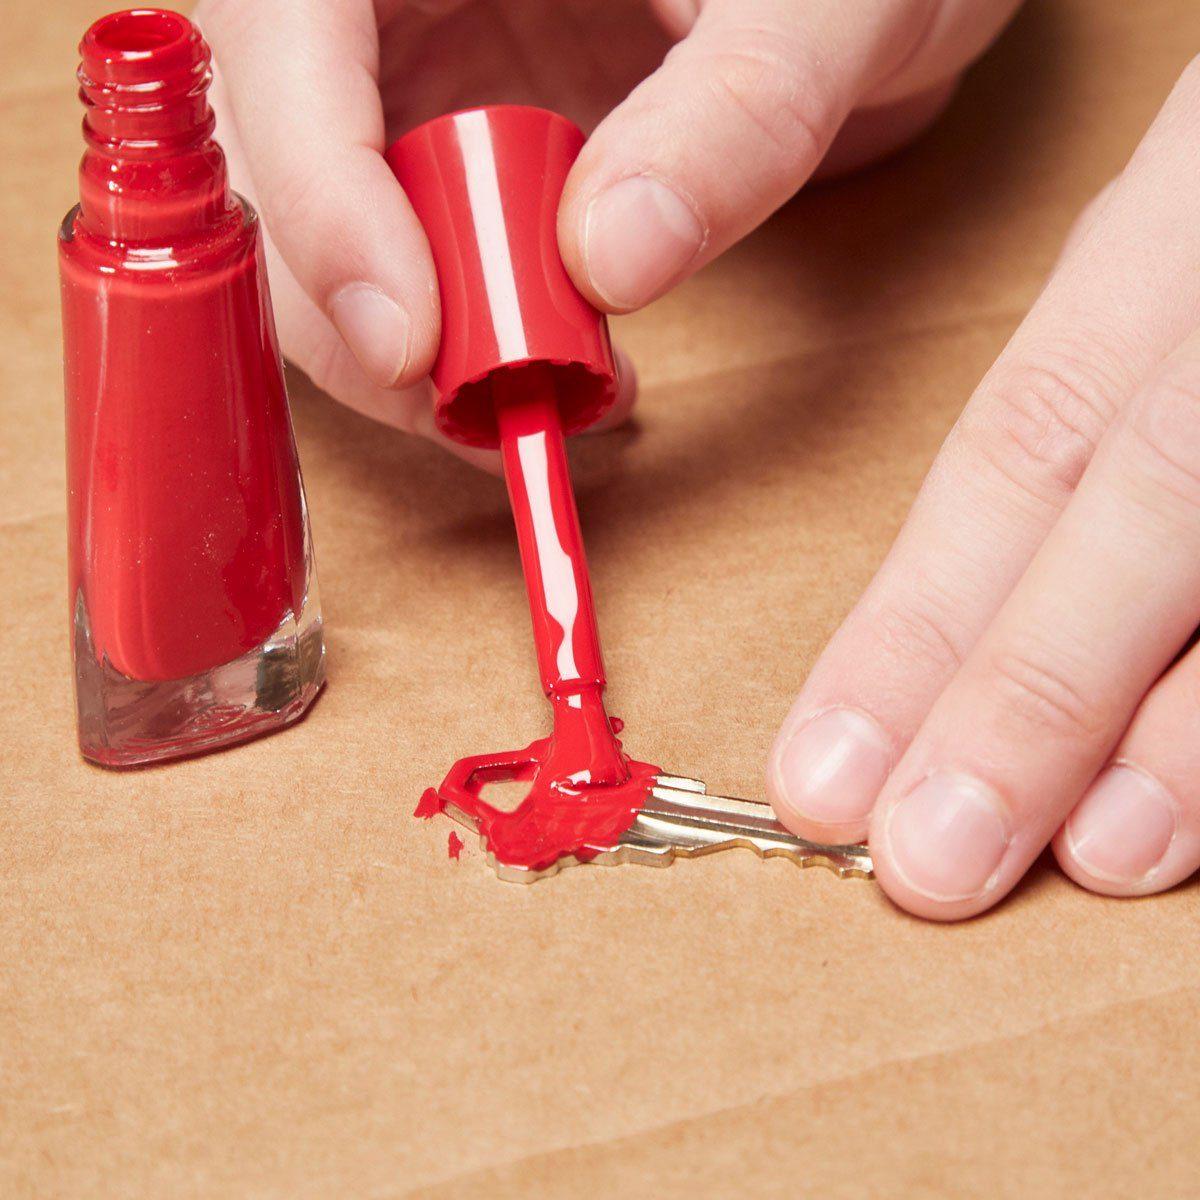 HH Handy Hint color coded key nail polish